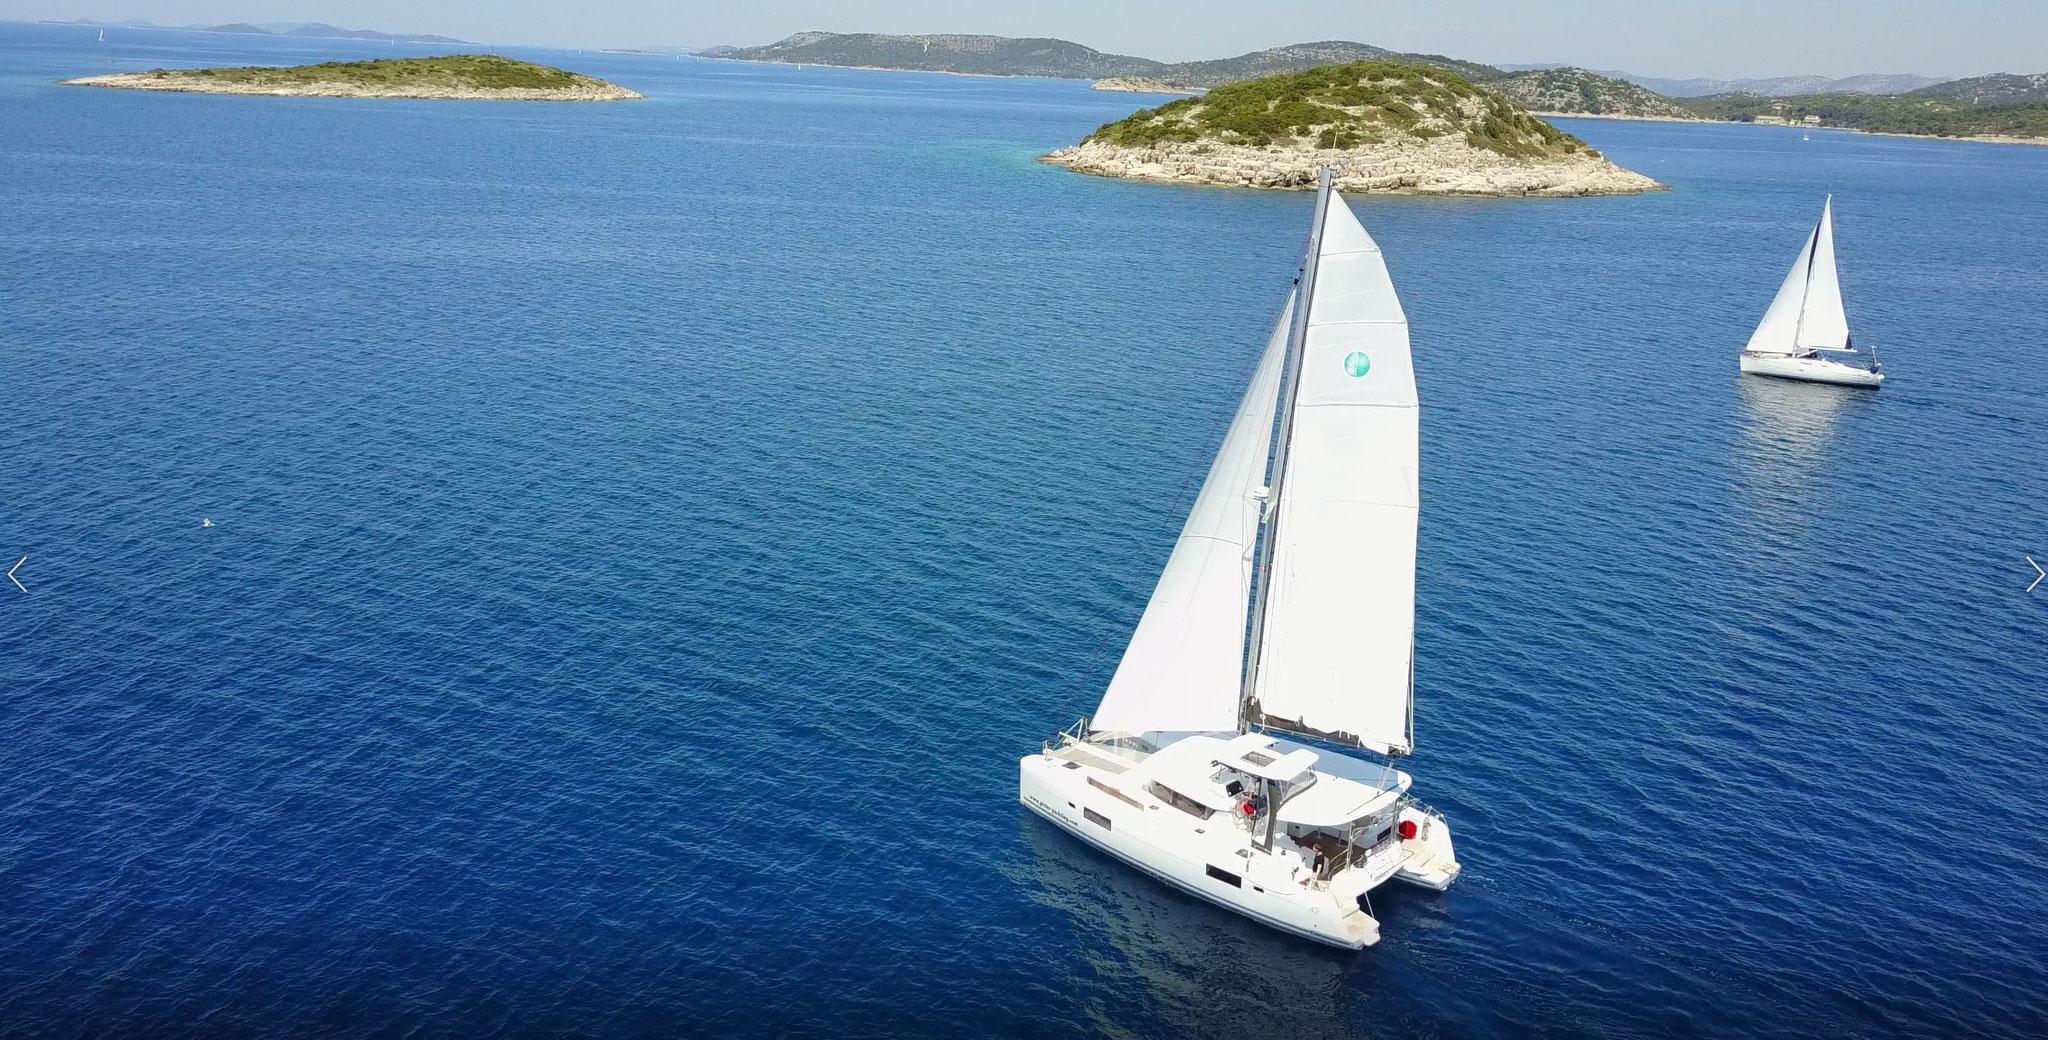 Katamaran segeln als Charter Kanaren von La Gomera - Janny - www.katamaramtraum.com